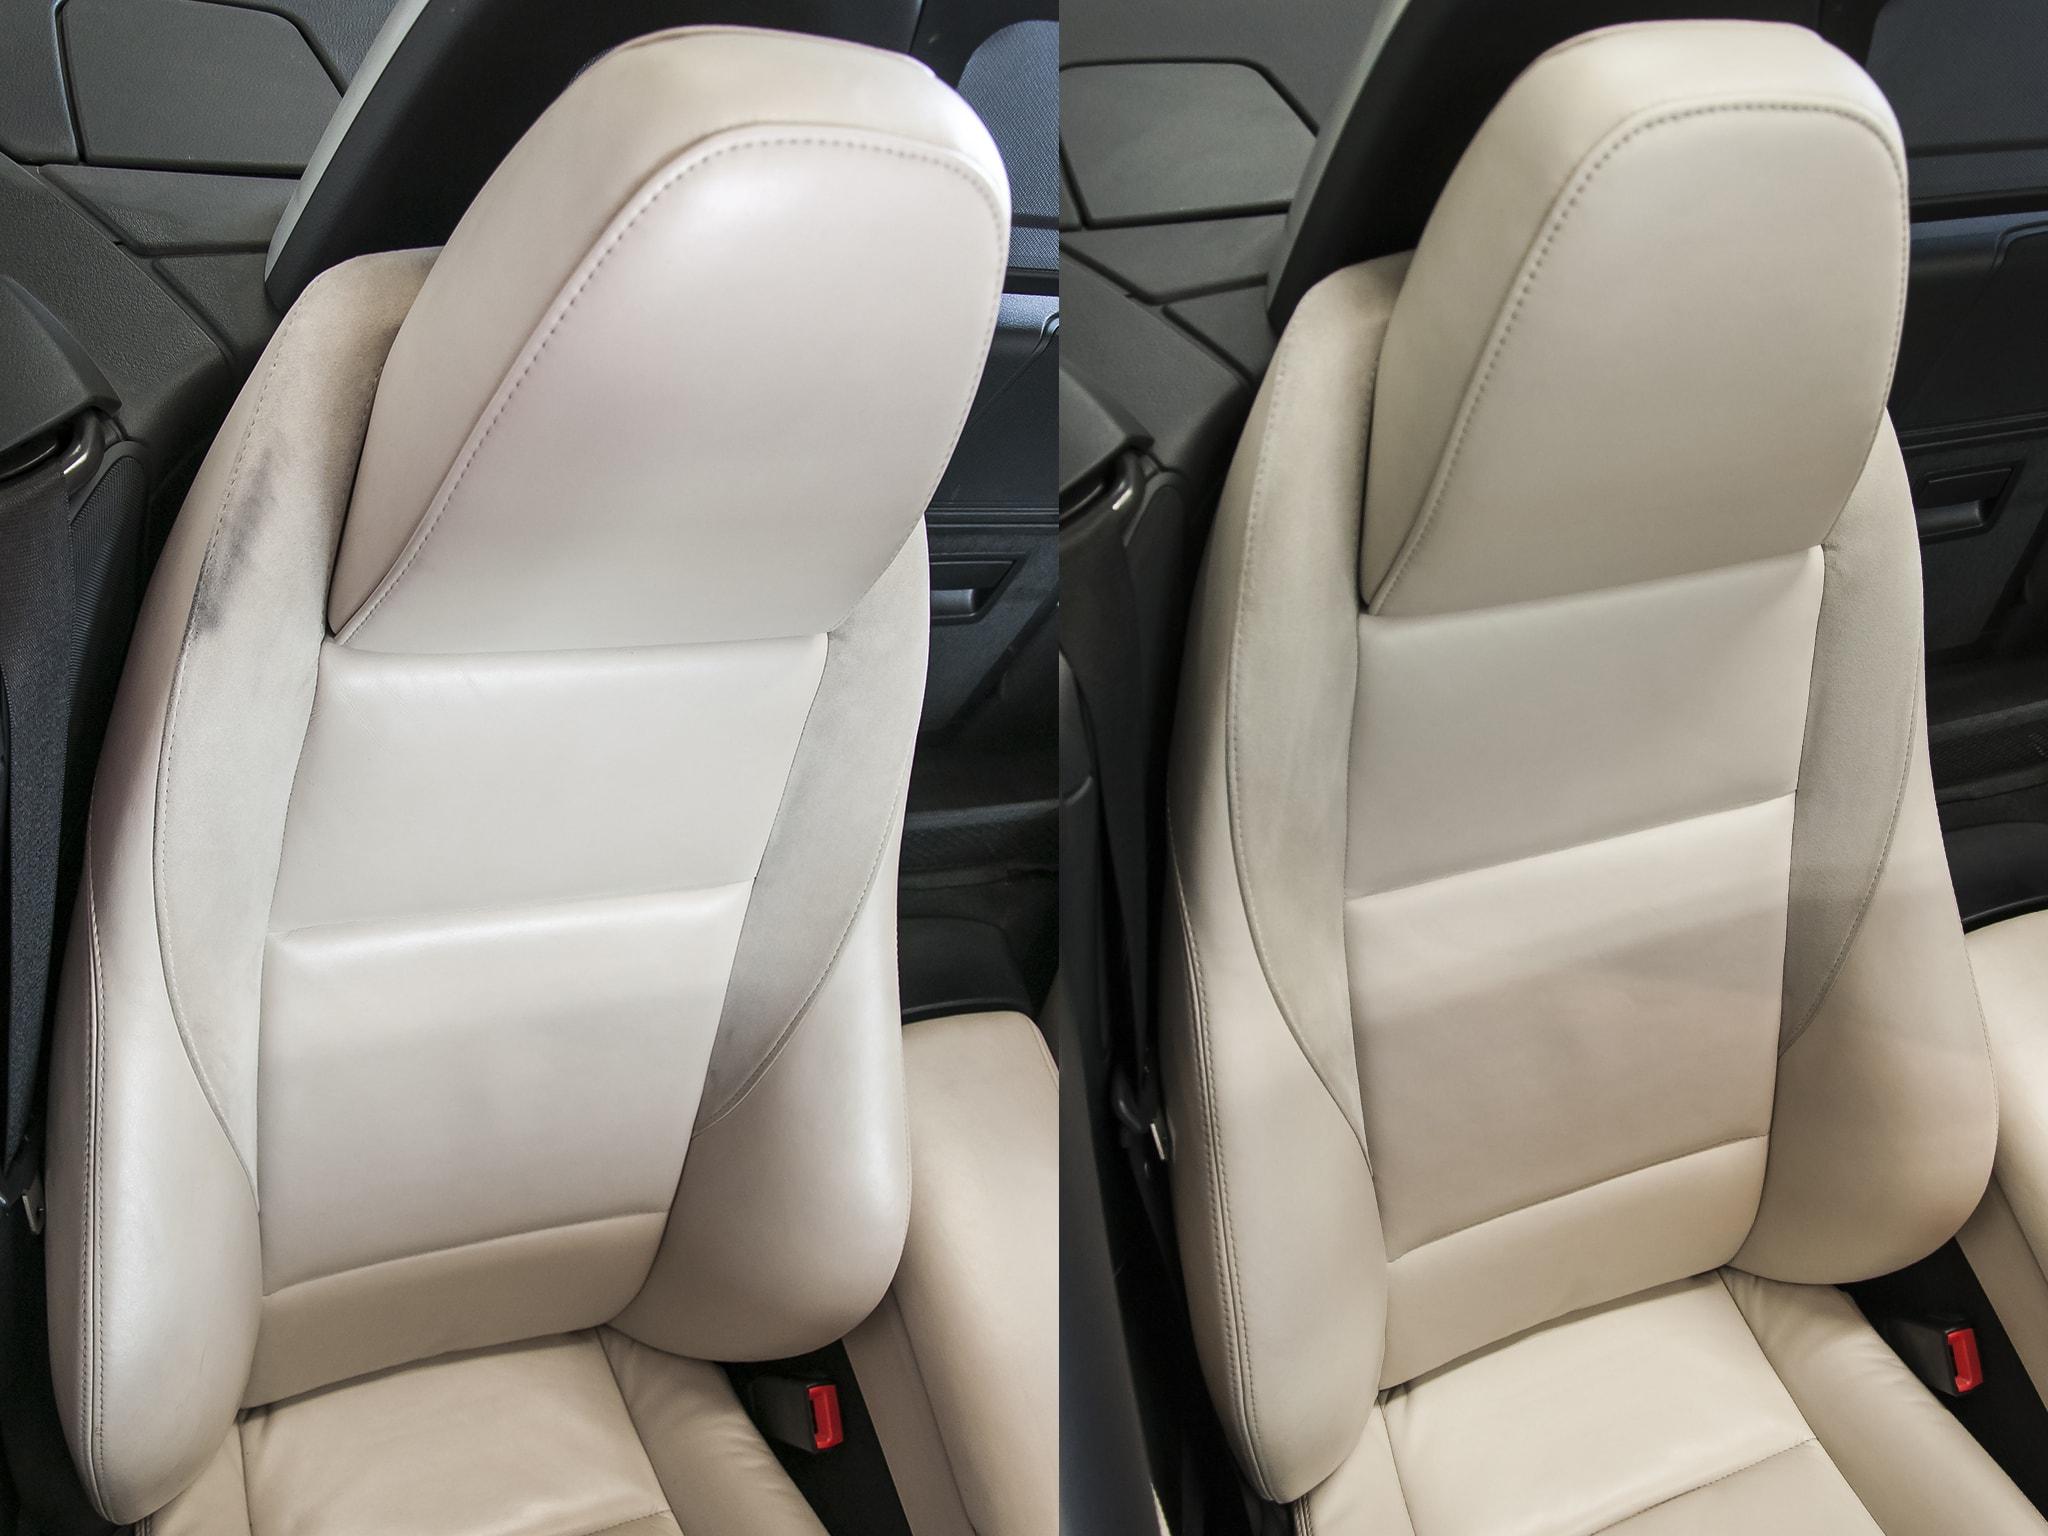 oprava kožené sedačky v BMW Z4 a čištění broušené kůže